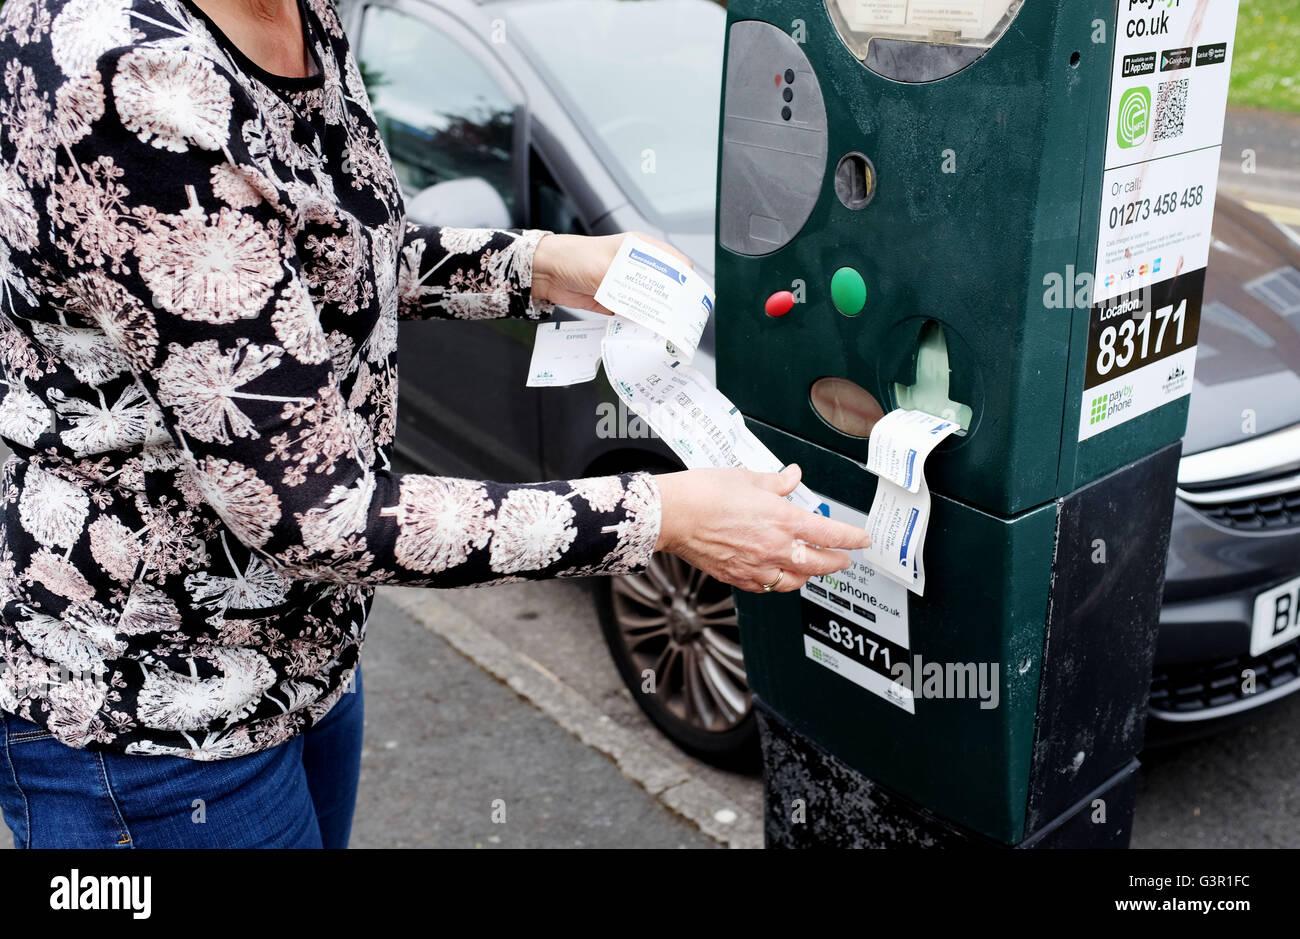 Parquímetros rotos en la ciudad de Brighton imprimir billetes inútiles con el frustrado automovilista hembra UK Foto de stock